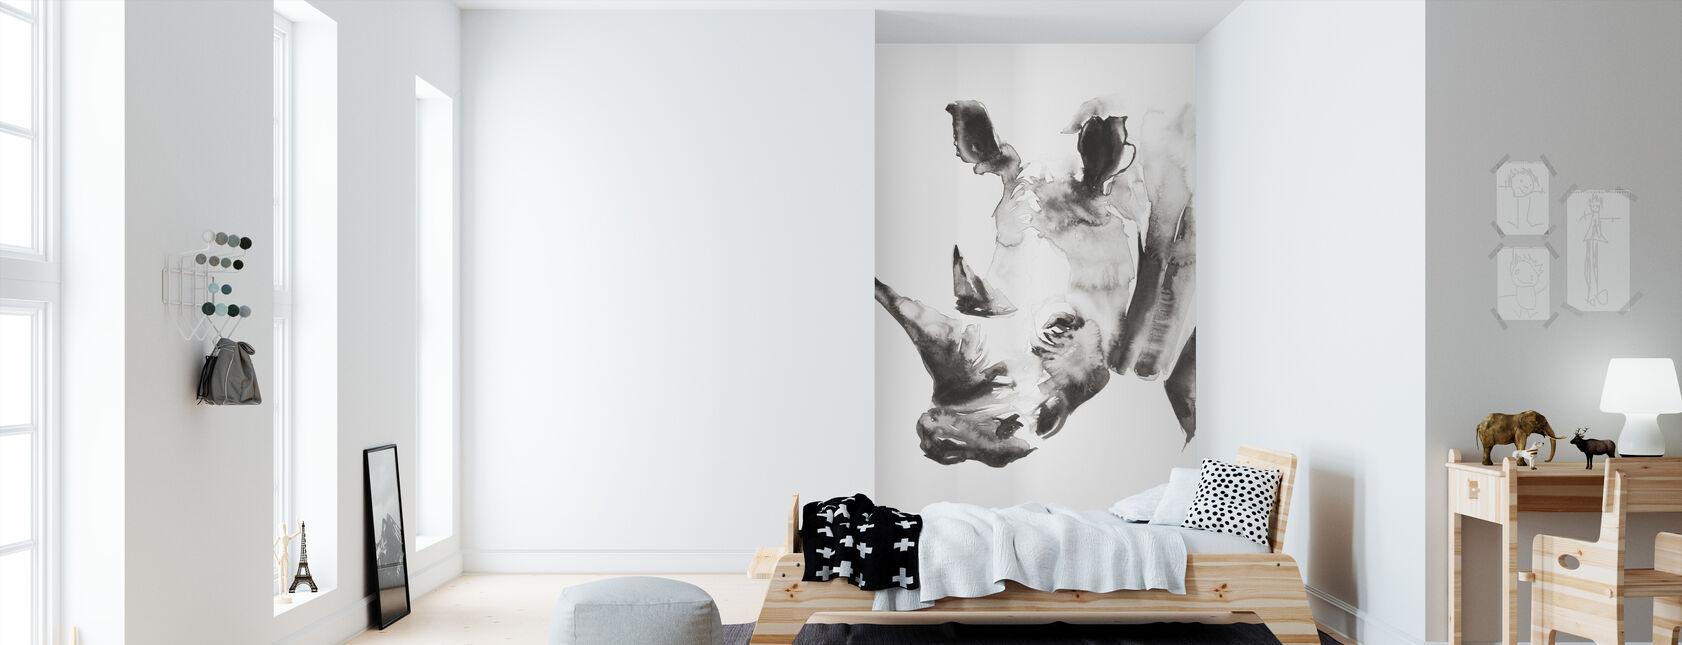 Rhino Szary Crop - Tapeta - Pokój dziecięcy